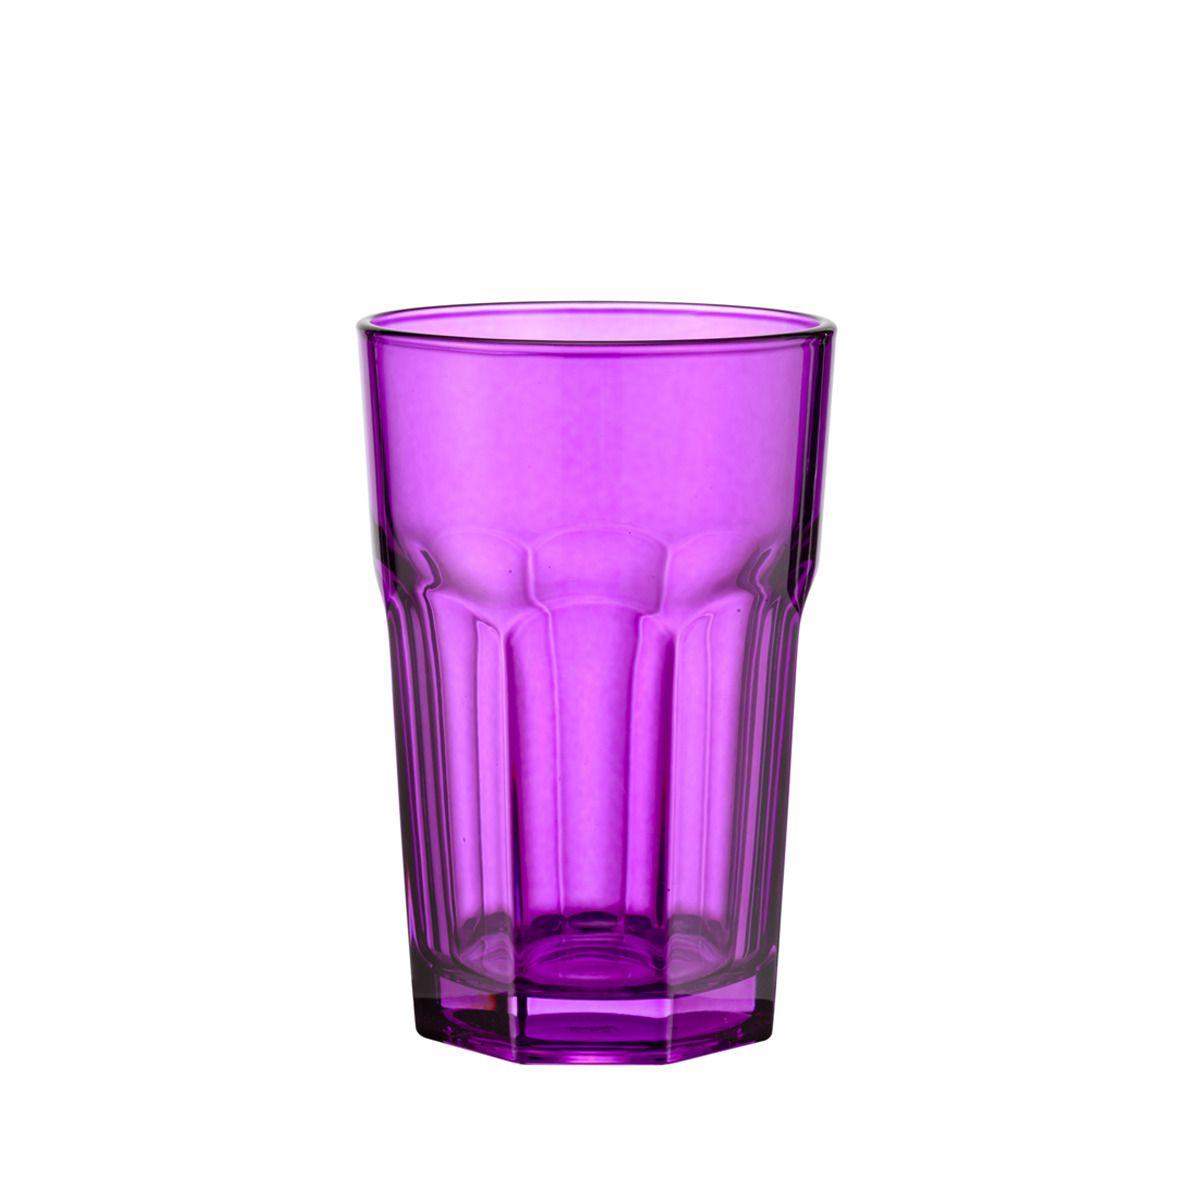 1,75€ me encantan éstos vasos de colores, los quiero todos!Éste es precioso,que pena que no haya rosa tambien.Vaso alto El Corte Inglés Casablanca. Ya tengo el morado,proximamente....otro color.